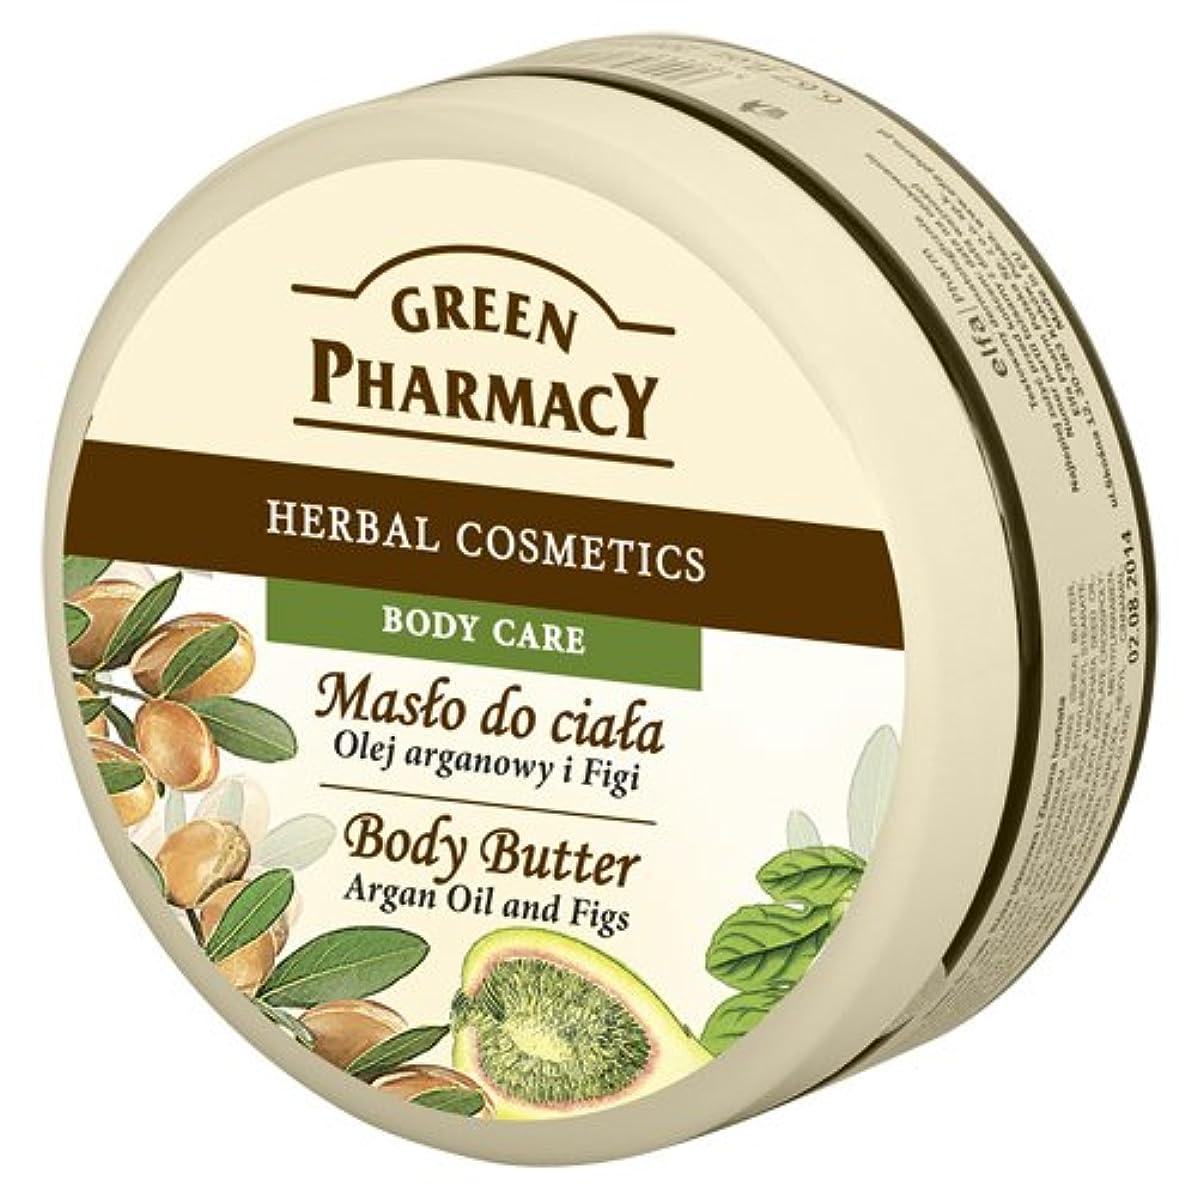 海外壁紙講堂Elfa Pharm Green Pharmacy グリーンファーマシー Body Butter ボディバター Argan Oil and Figs